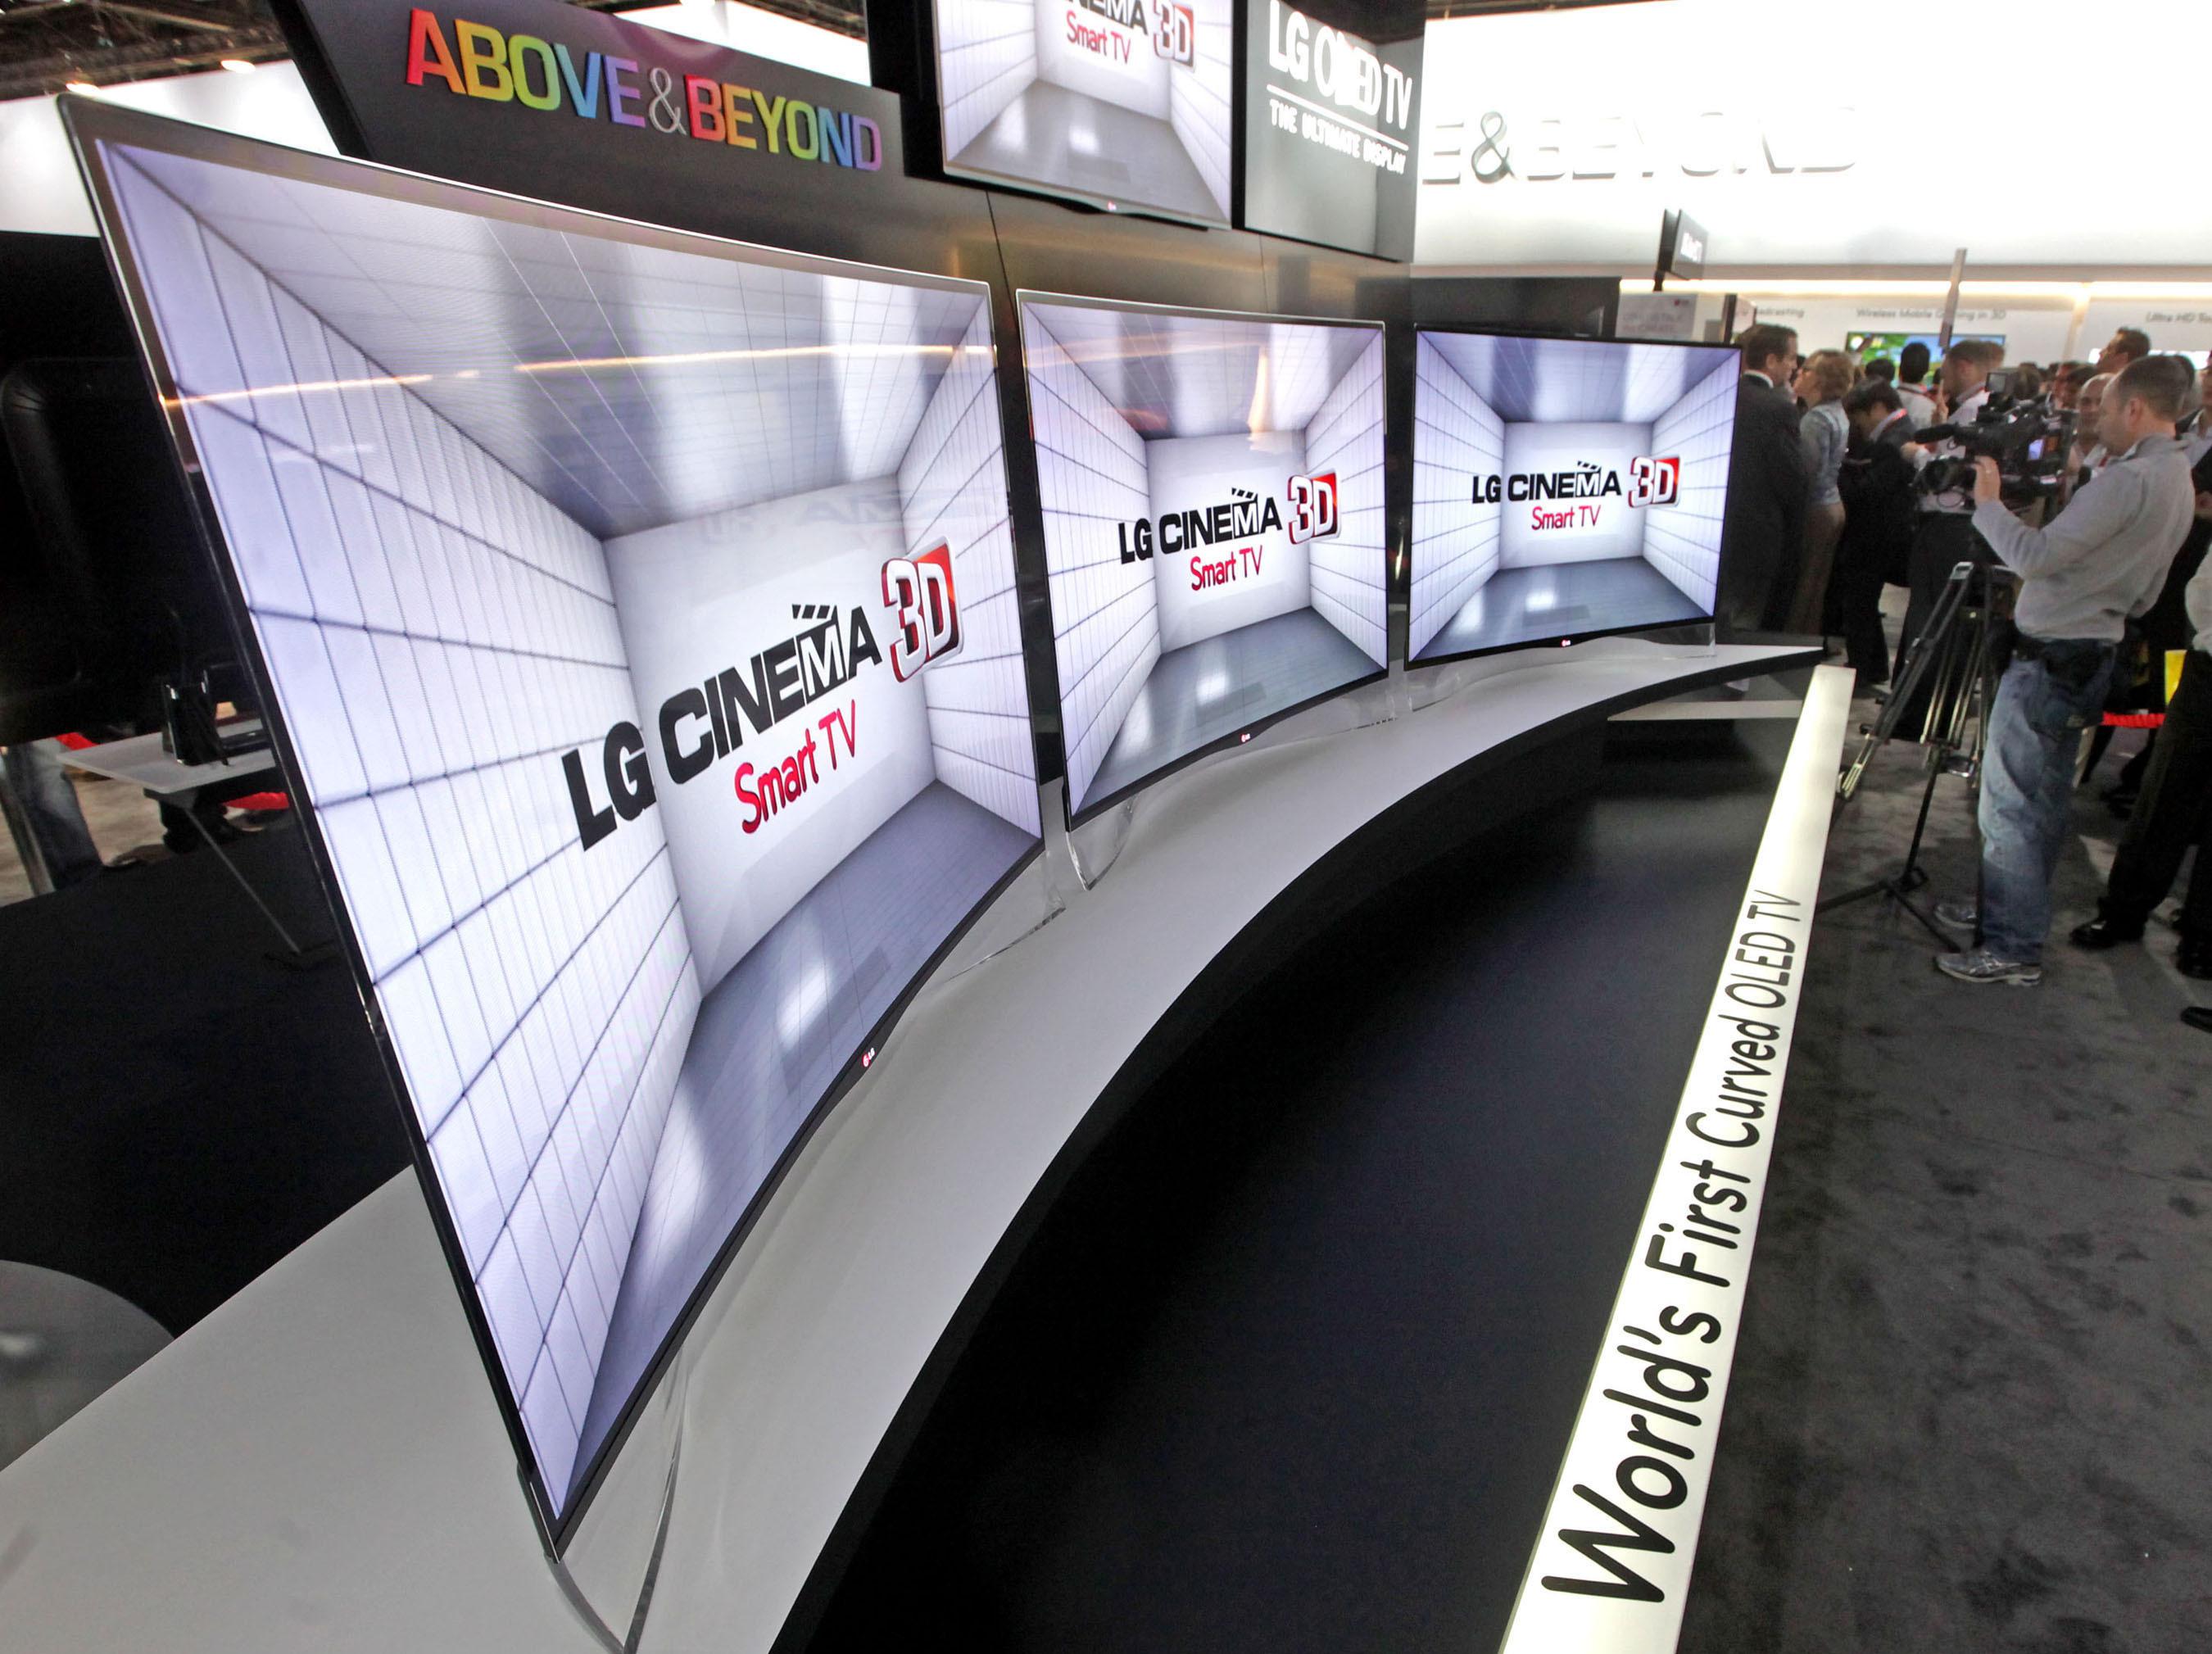 ال جي تلويزيون OLED منحنی شکل خود را در CES 2013به نمايش گذاشت